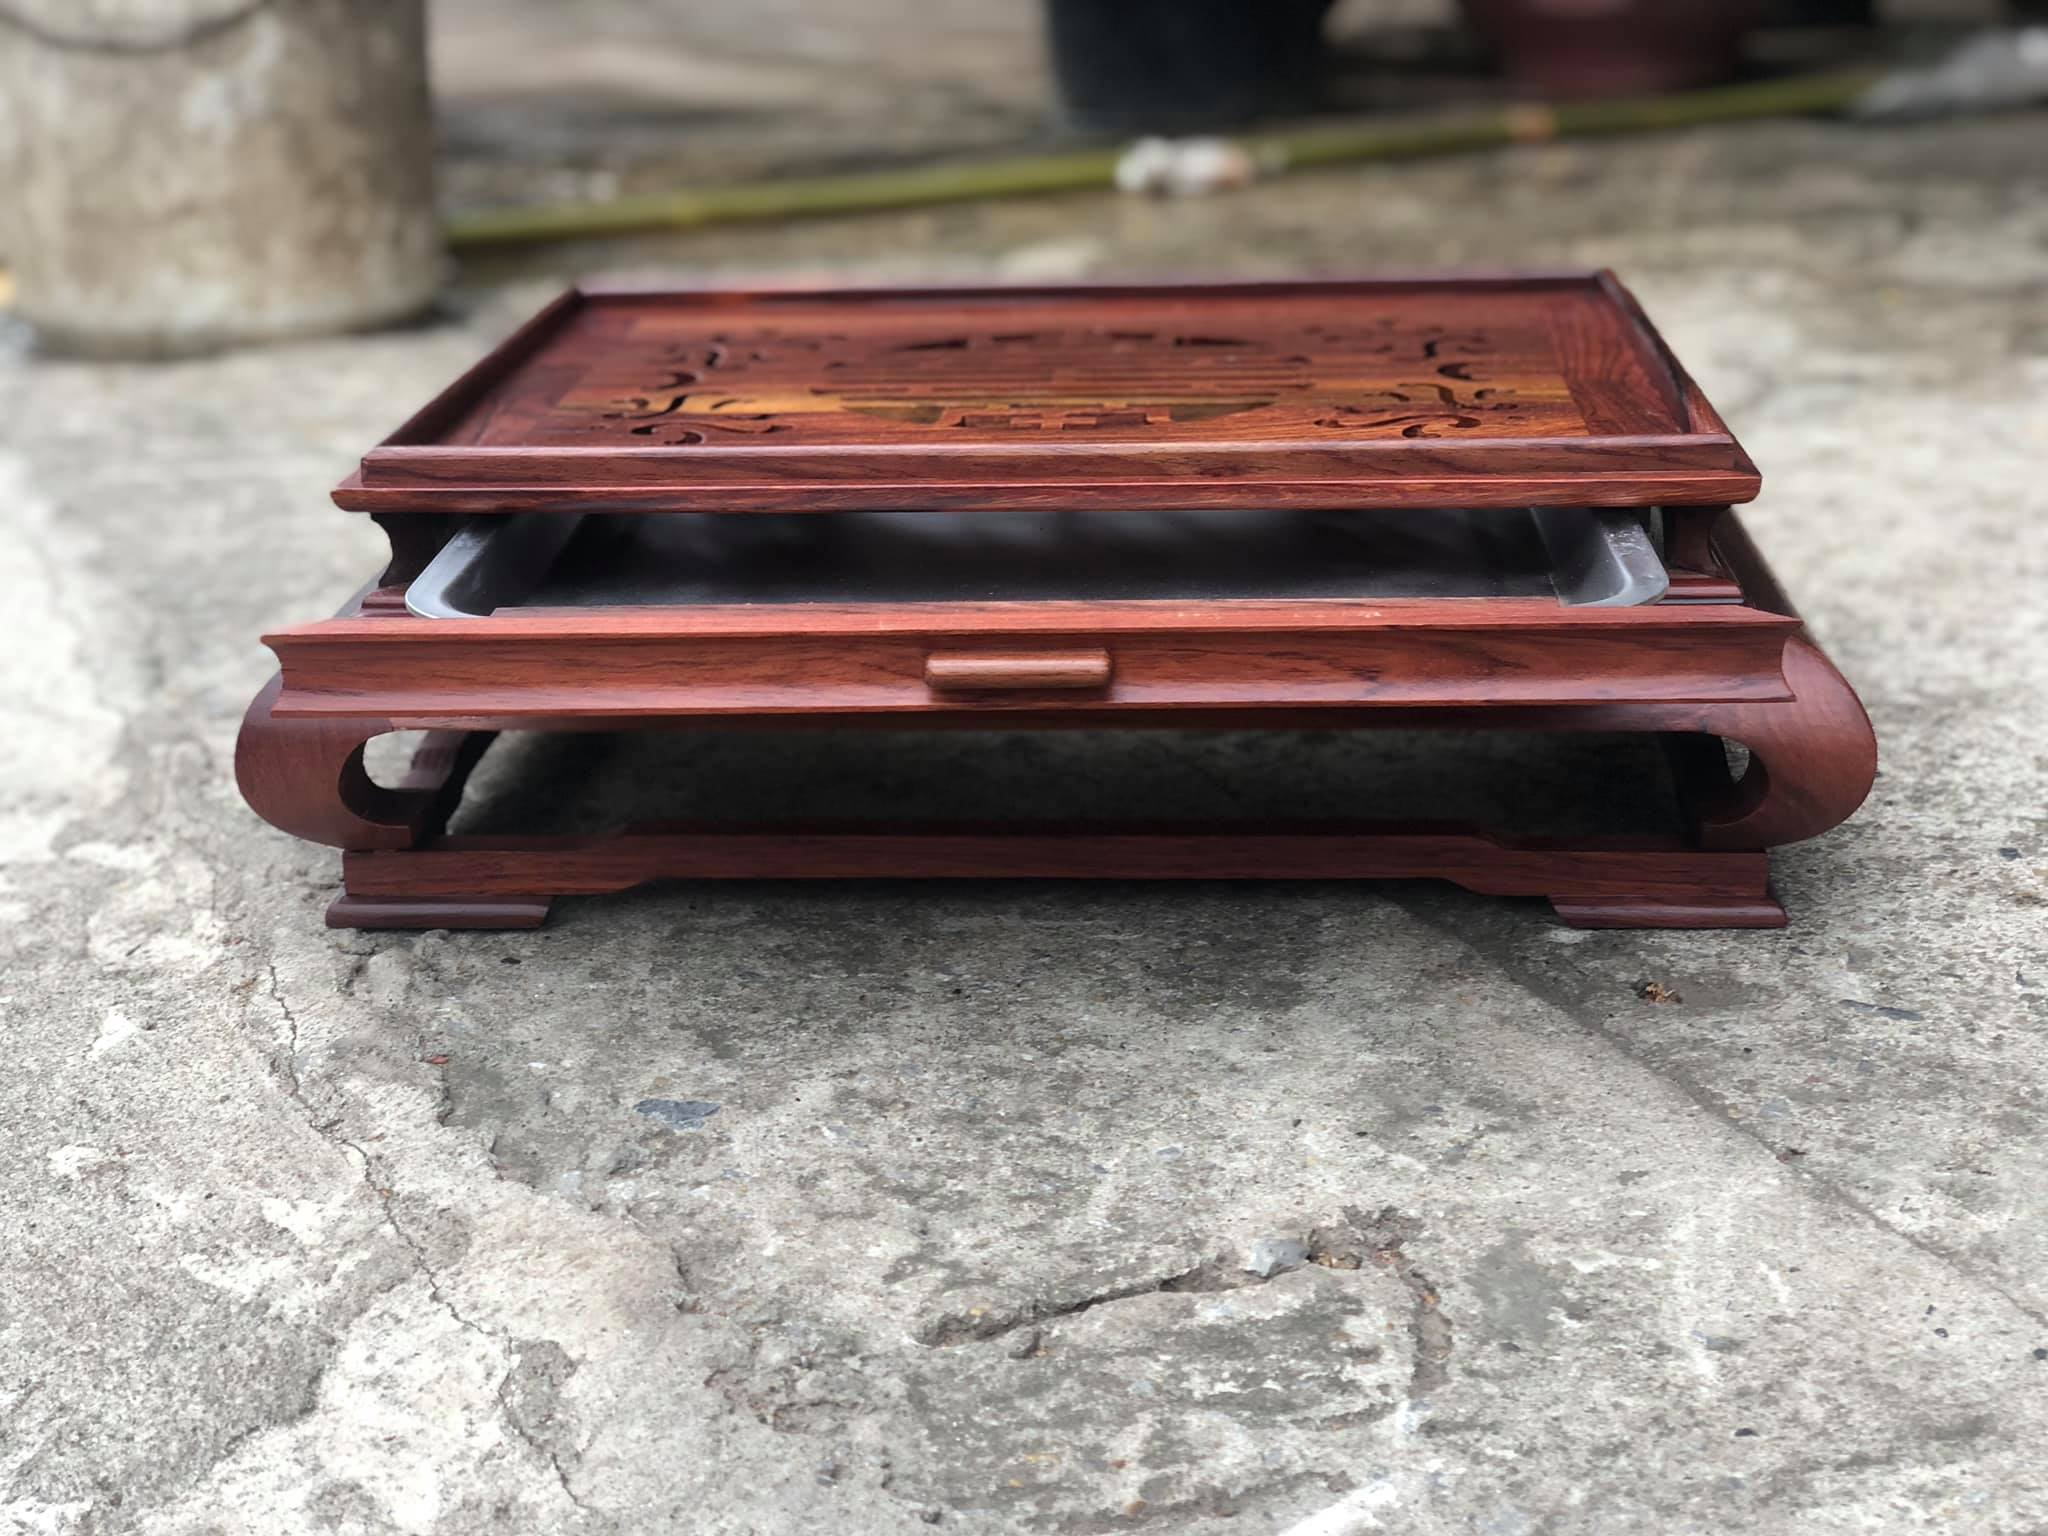 Khay trà gỗ Cẩm hàng cực độc, đẹp, cầu kì kt 47x37x16